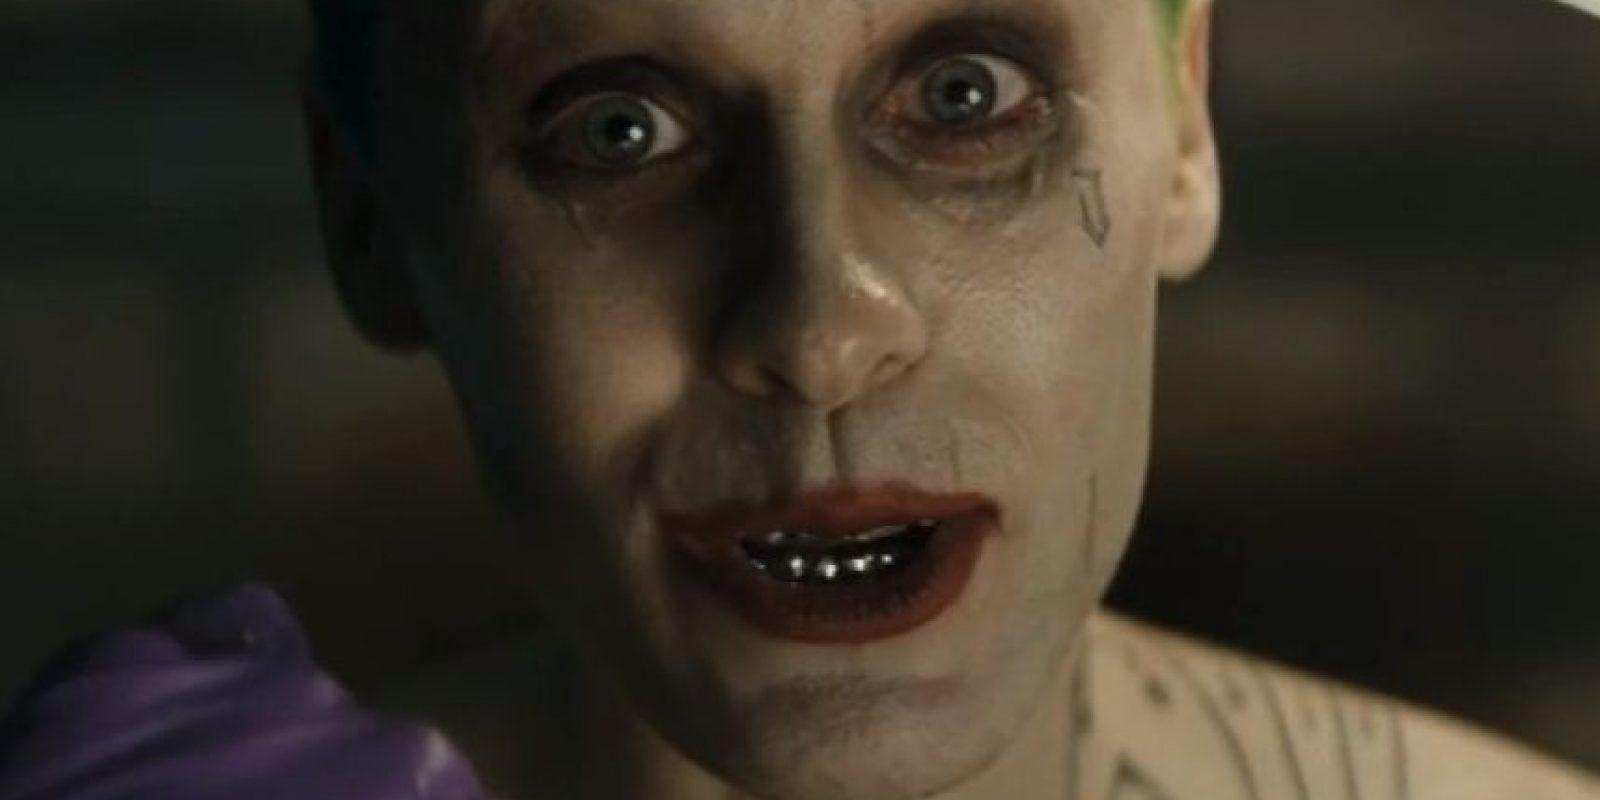 Los actores han revelado que cuando Jared Leto no se encuentra en el set de grabación, les envía extraños regalos. Foto:YouTube/Warner Bros